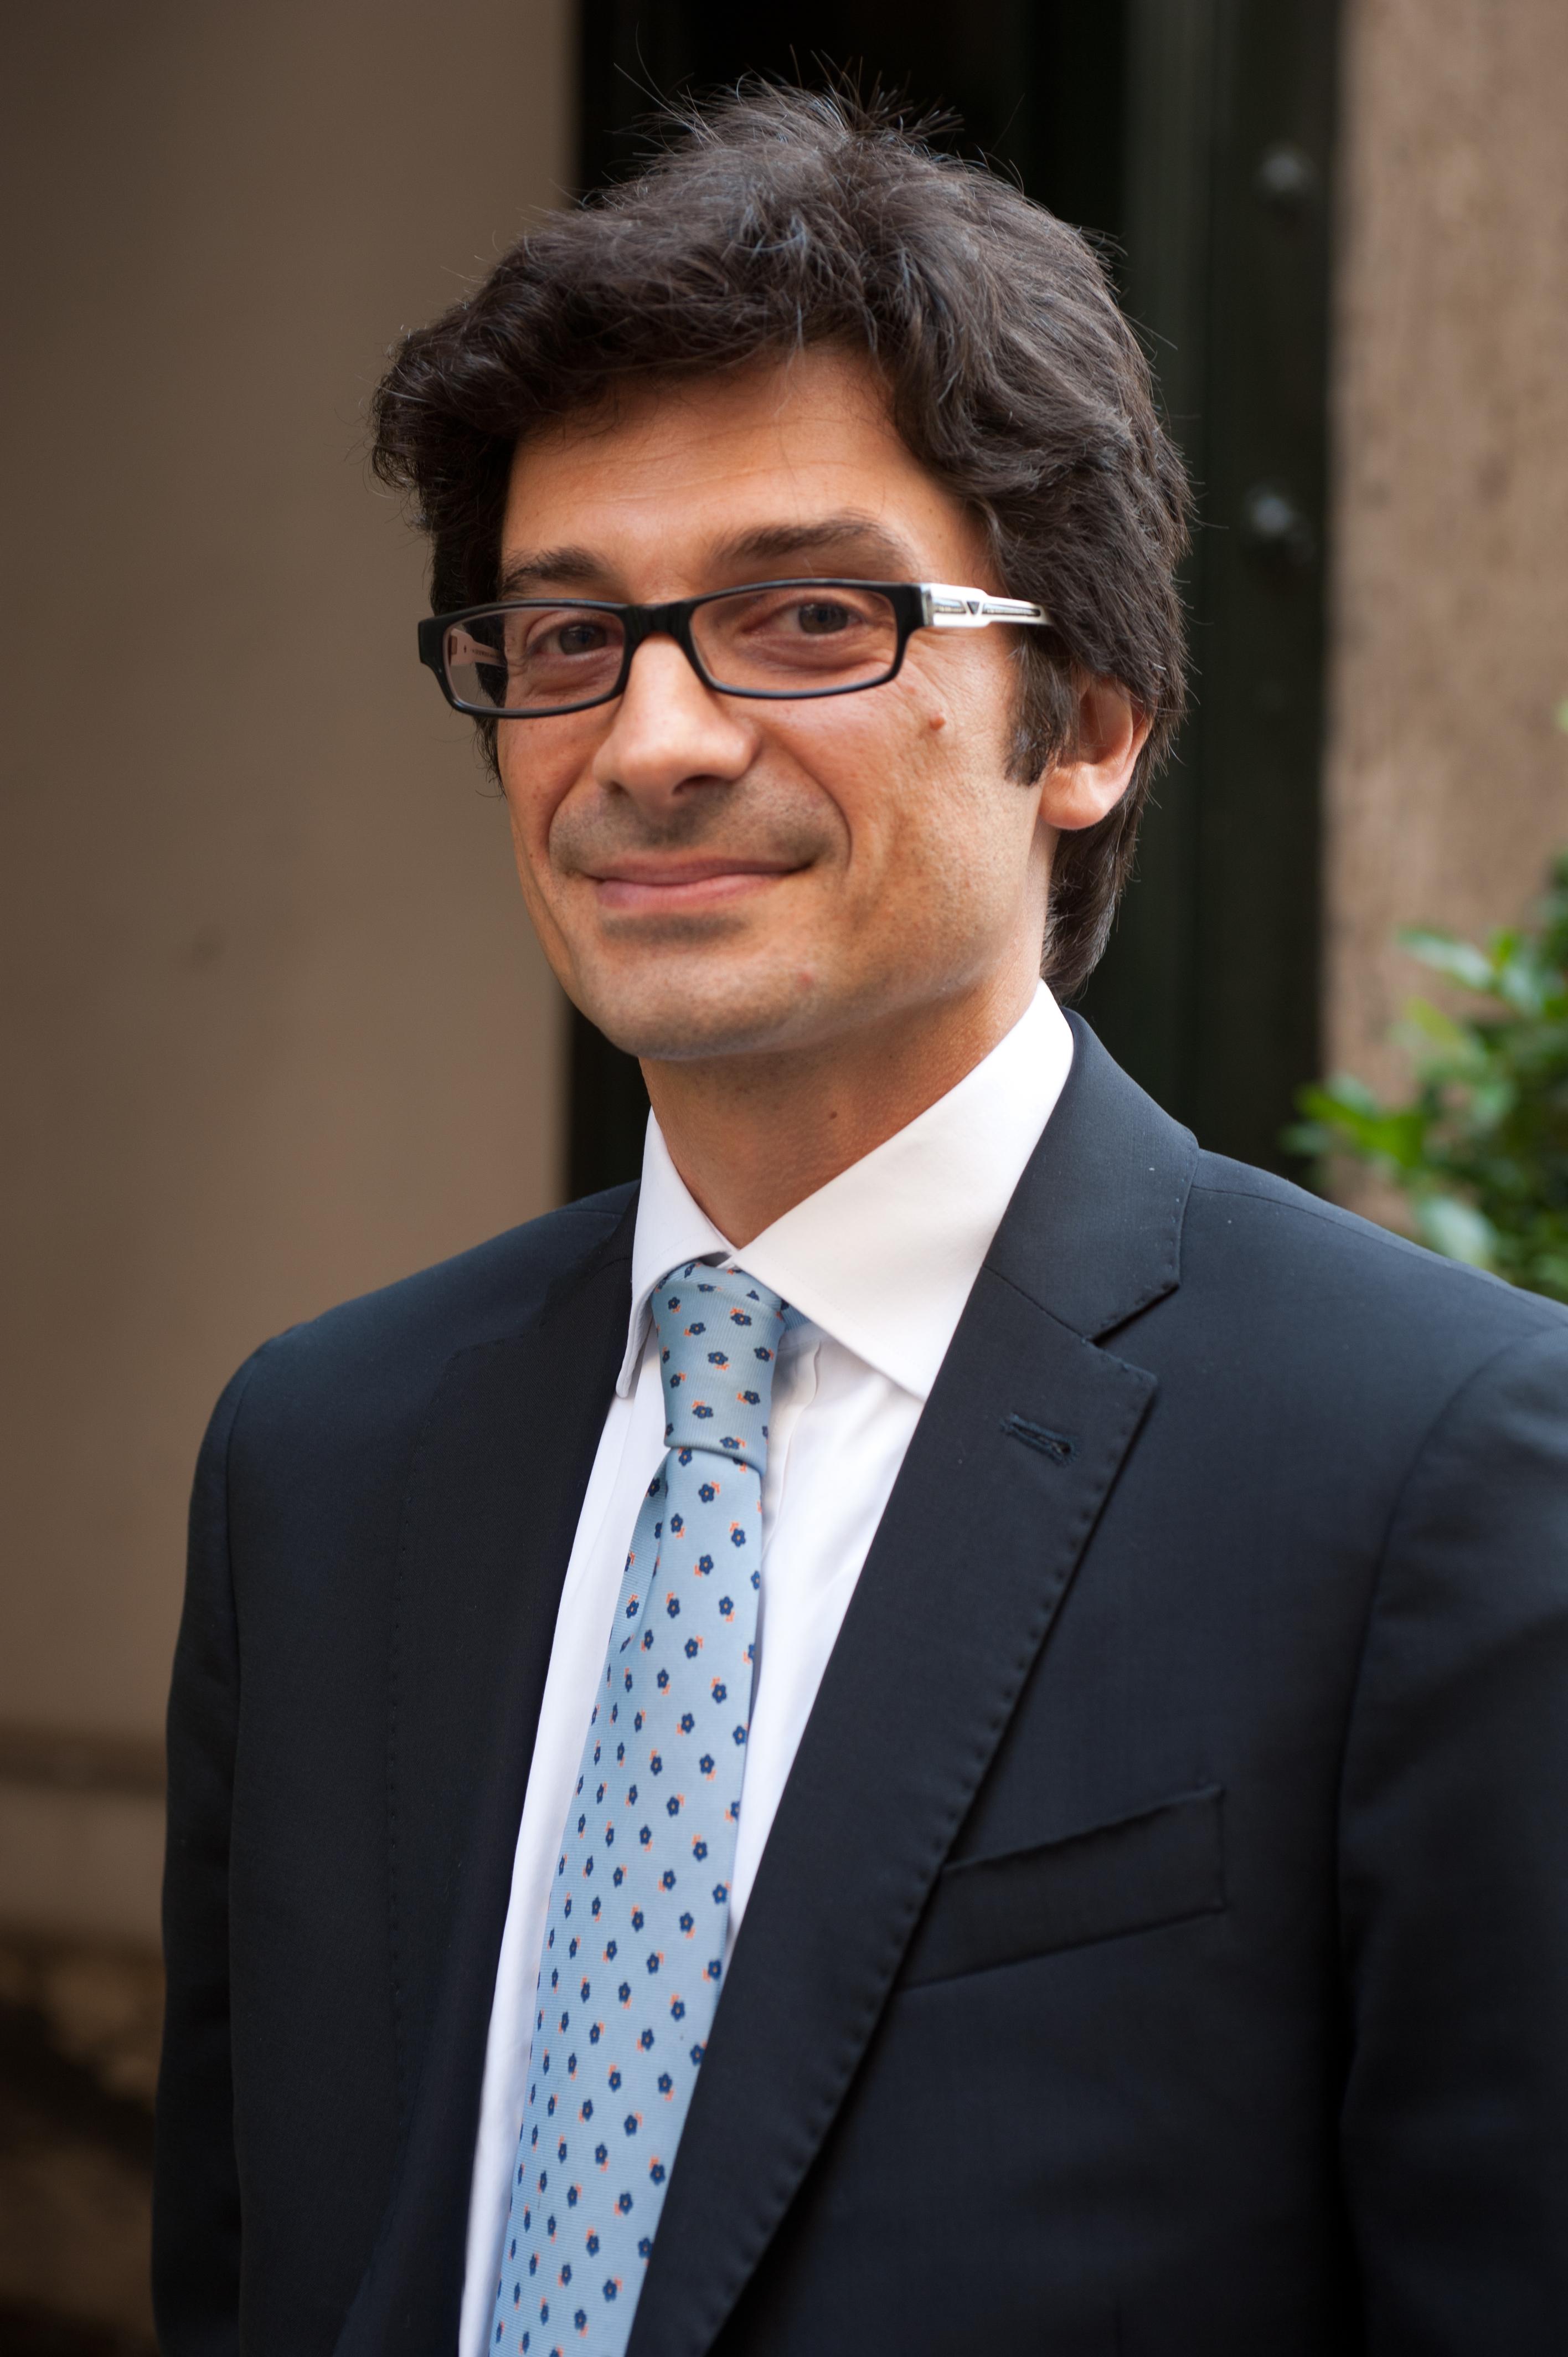 Giuseppe Capobianco